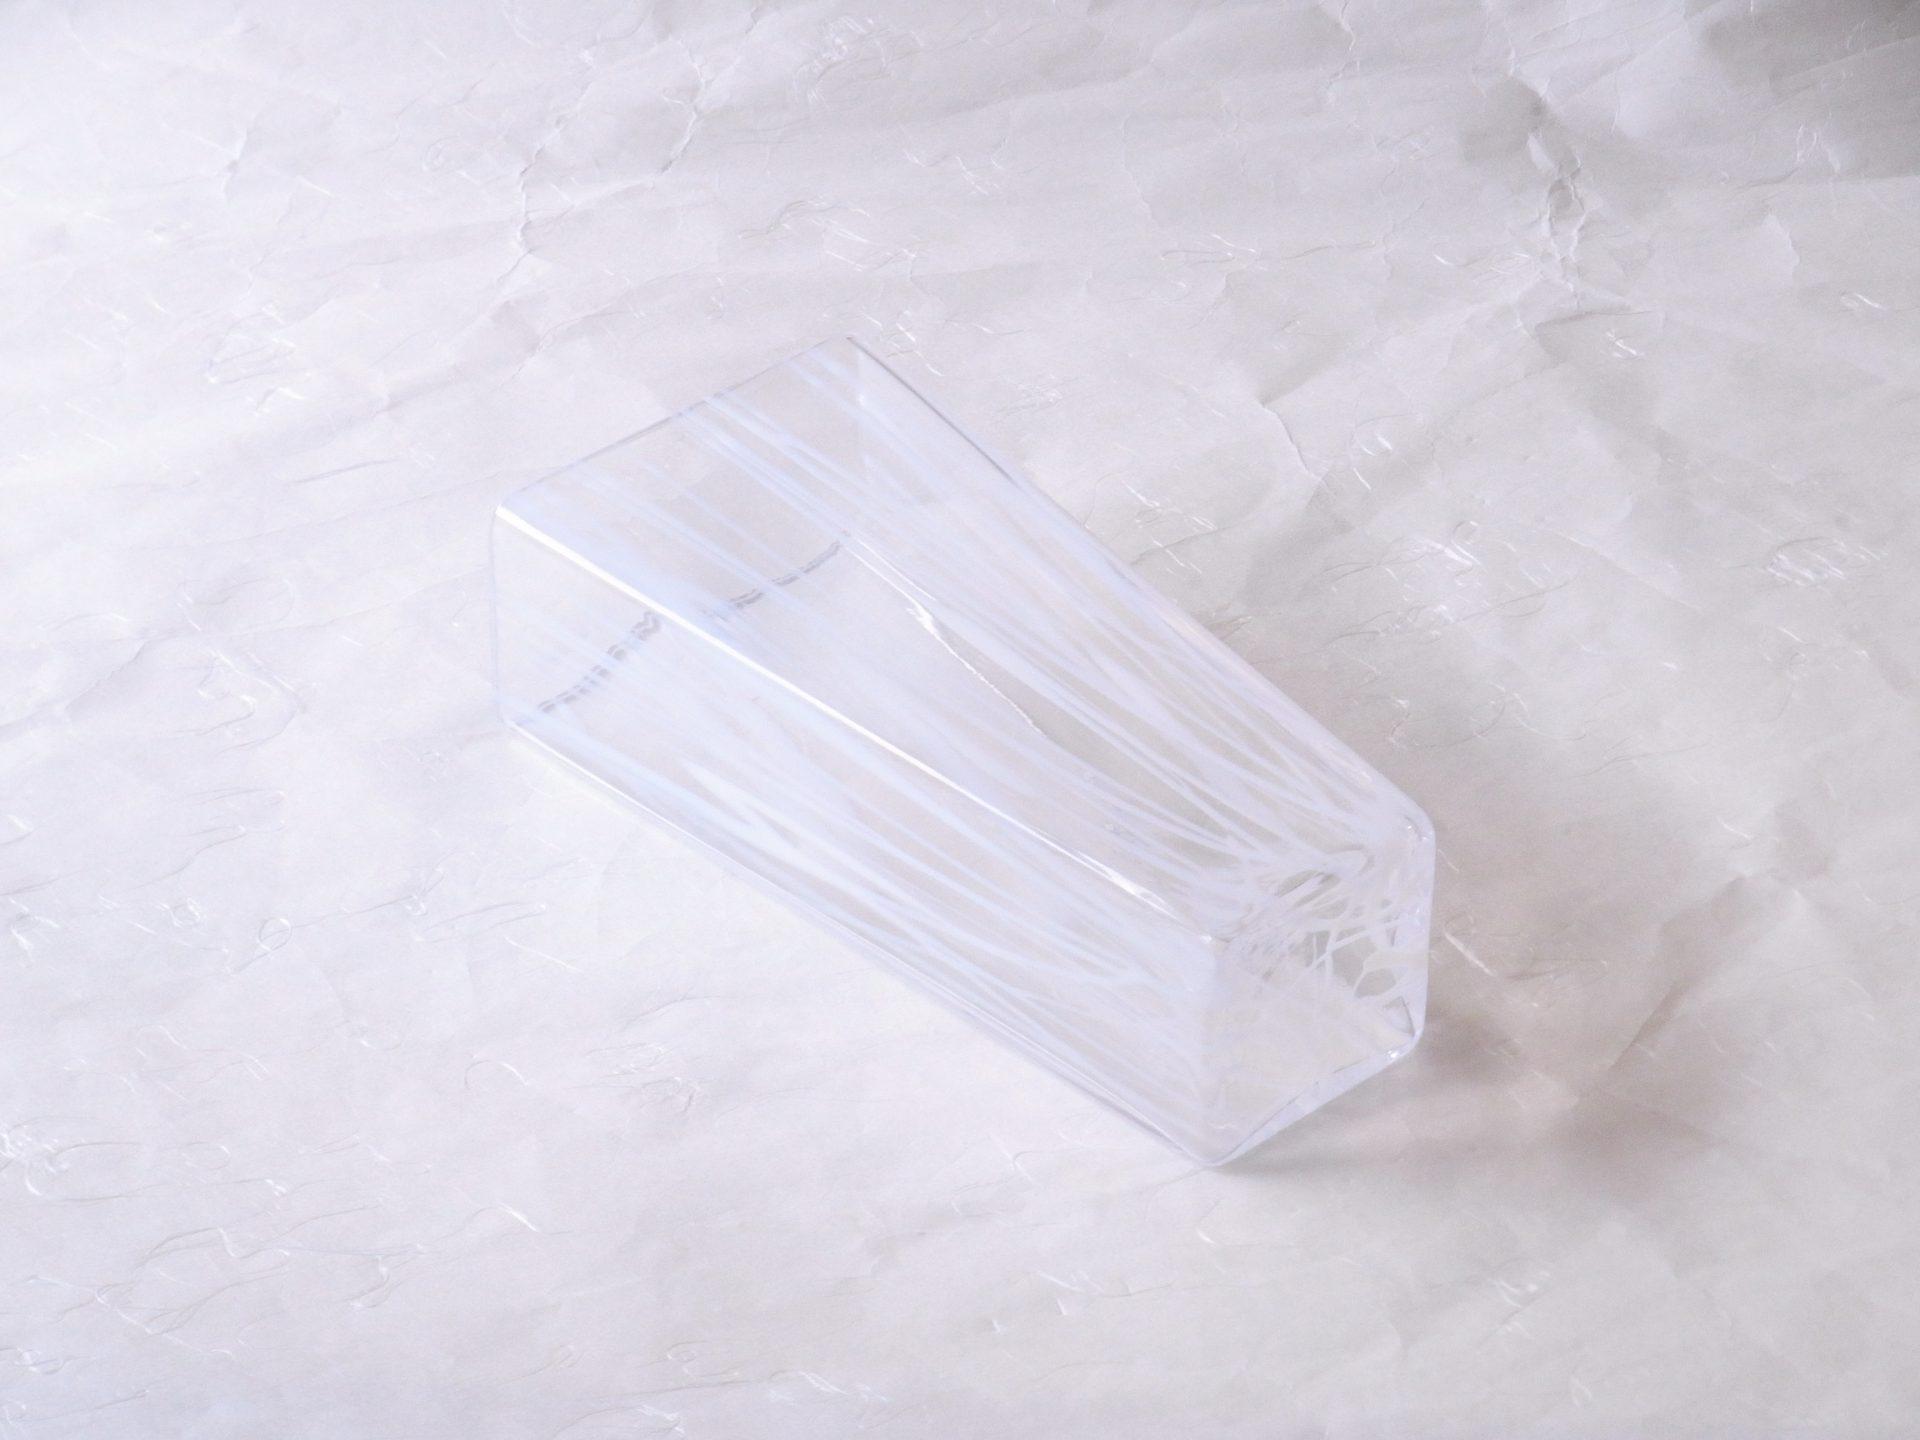 日本製 手づくり ガラス花器 すだれ 白 コンパクト 台形 スタイリッシュな形 白い線状の模様 すだれのイメージ シンプル お洒落 涼し気 垢抜けたデザイン 洋風の花や環境にマッチ ほとんどの花 住宅に合わせられる スペースが限られていても 玄関先 リビング 狭い空間にも飾れる ハンドメイド 高級感 どんな環境 省スペース 存在感を発揮 日本製 陶器 磁器 陶磁器 漆器 茶道具 華道具 贈り物 ギフト 記念品 引出物 法要 お返し 専門店 リアル店舗 茶の湯 茶道 裏千家 表千家 茶会 月釜 抹茶 高品質 安らぎ いやし よりおいしく 安心 機能的 長持ち 人気 おすすめ 高機能 ネット通販 ネットショップ セレクトショップ 欲しい 購入 買う 買い物 岐阜県 岐阜市 美殿町 小林漆陶 特別な 選び抜かれた 品質重視 使いやすい 格安 老舗 誕生日 結婚 出産 入学 退職 母の日 父の日 敬老の日 クリスマス プレゼント 叙勲 長寿 新築 お祝い 御礼 内祝い 外国土産 海外みやげ 実店舗 創業100年以上 使うと分かる 職人技 日本一の品揃え 日本一の在庫数 専門店 専門知識 数万点の在庫 百貨店(高島屋 三越 伊勢丹 松坂屋 大丸)にない 手作り お洒落 高級品 希少価値 上質な器 伝統工芸品 コスパ お値打ち お買い得 堅牢 飽きない 永く使える お気に入り 国産 料理が映える 満足感 豊かな食生活 豊かな食文化 こだわりの器 日本文化 他にない ここにしかない オリジナル 独自の 個性的 ここでしか買えない 超レアもの 一品もの 現品限り 入手困難 いい器 匠の技 美しい 実用的 外人が喜ぶ店 外人が珍しがる店 外人がうれしい店 日本各地の一級品を売る店 日本全国の器を売る店 本当にいいもの コスパ高い 一流品 修理 選りすぐりの逸品 周年記念 永年勤続表彰 退職記念 卒業記念 日本土産 岐阜土産 岐阜のおみやげ 岐阜の特産品 料理を引き立てる器 高級店 一流店 岐阜で一番 東海で一番 中部で一番 日本で一番 おしゃれな店 地域一番店 実店舗 陶磁器 磁器 華道具 ガラス器 明治42年創業 有田焼 清水焼 美濃焼 赤津焼 万古焼 常滑焼 九谷焼 唐津焼 萩焼 信楽焼 万古焼 砥部焼 備前焼 丹波焼 山中塗 春慶塗 讃岐塗 越前塗 輪島塗 紀州塗 会津塗 小田原木工 桜皮細工 秋田杉 駿河竹細工 七宝焼 南部鉄器 錫製品 江戸切子 津軽びいどろ